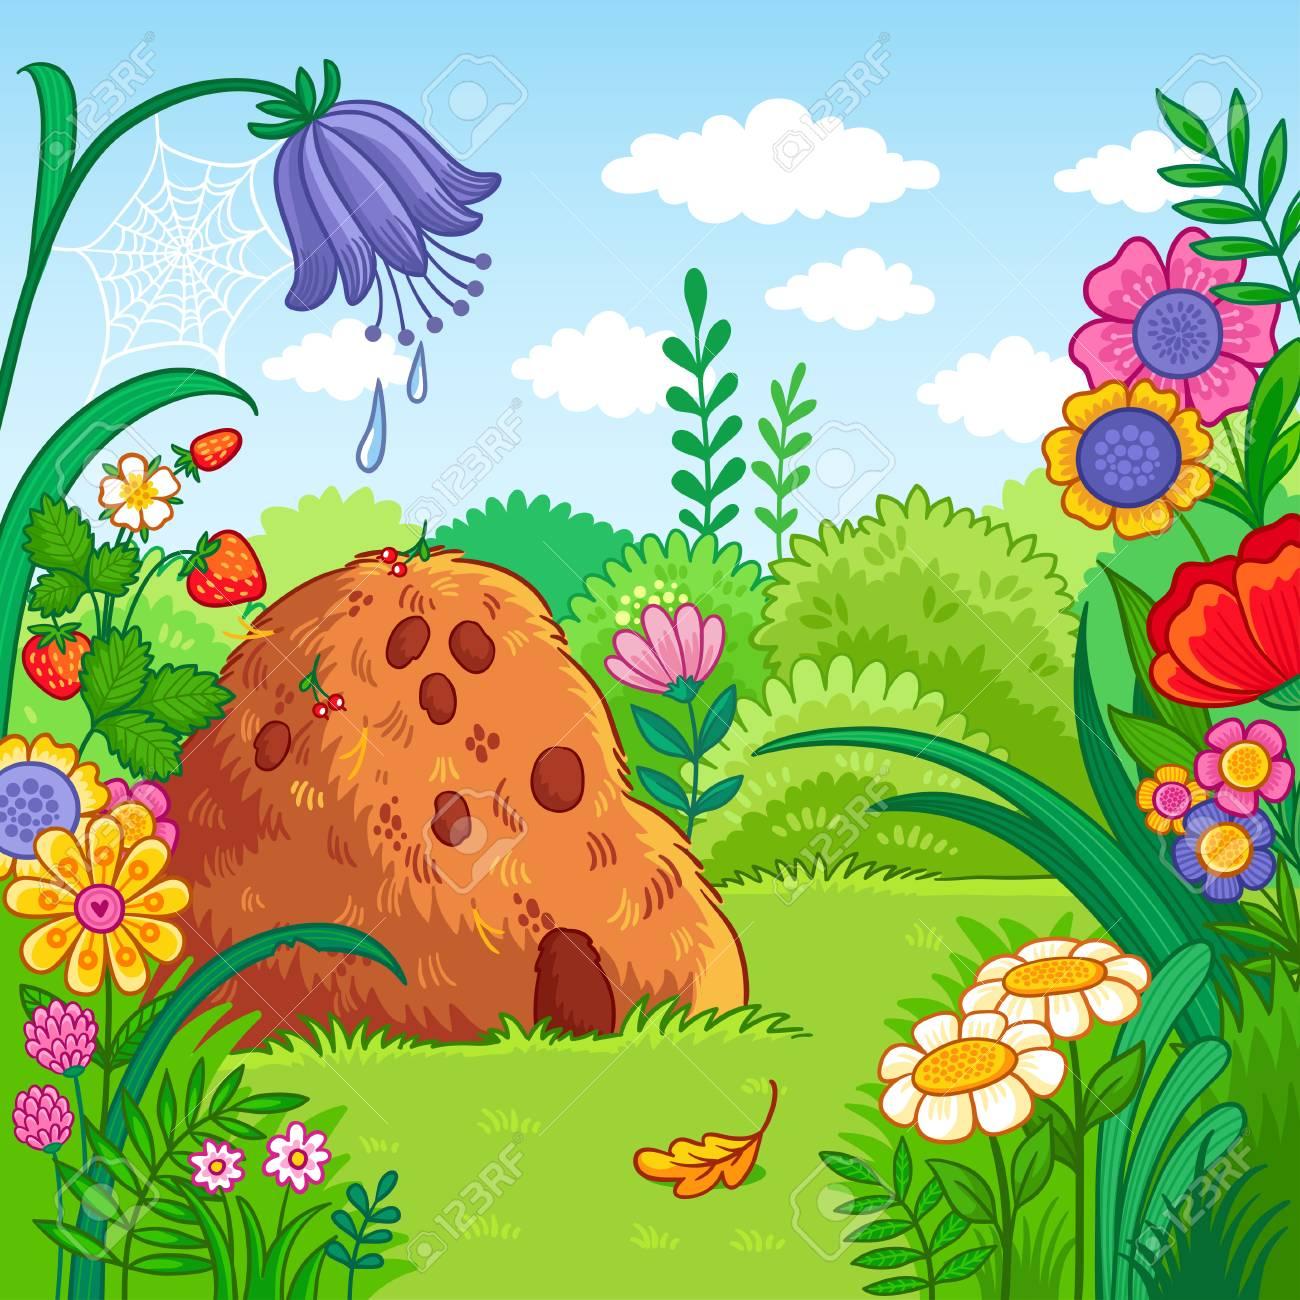 Ilustración De Vector Con Un Hormiguero Y Plantas Naturaleza En El Estilo De Dibujos Animados Para Niños